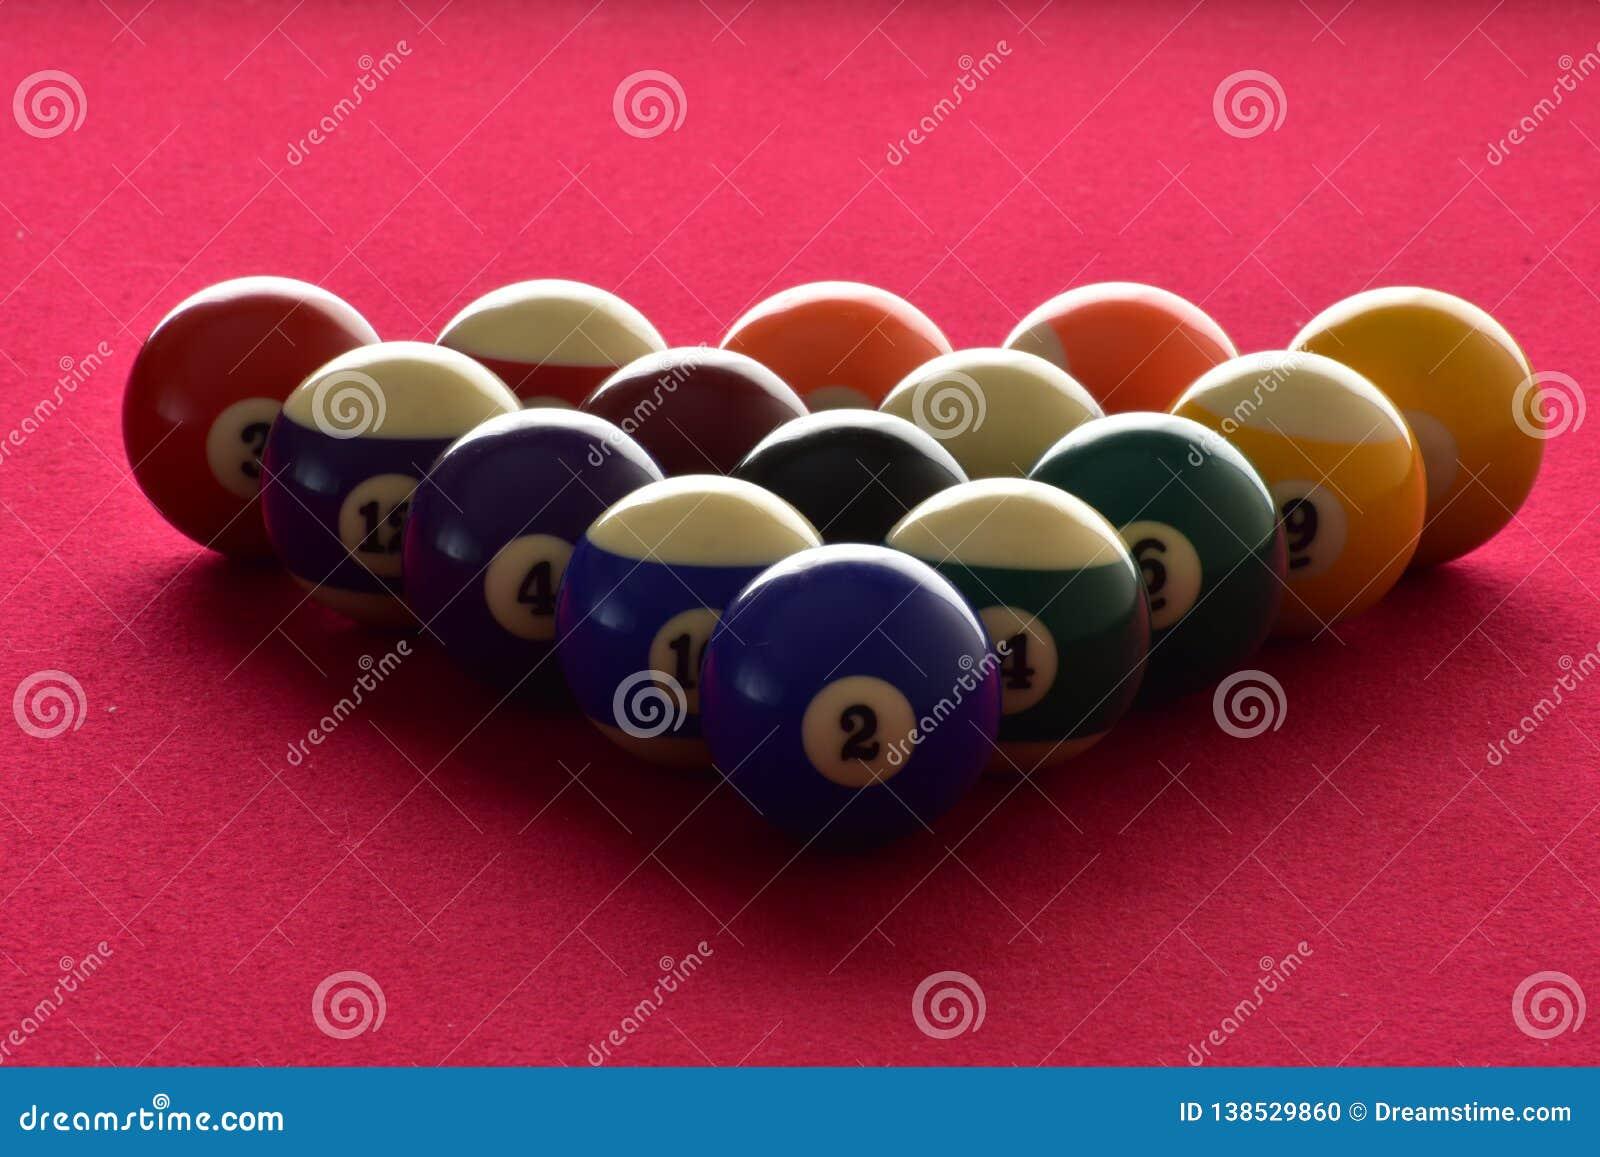 Billardkugeln auf einem roten geglaubten Billardtisch